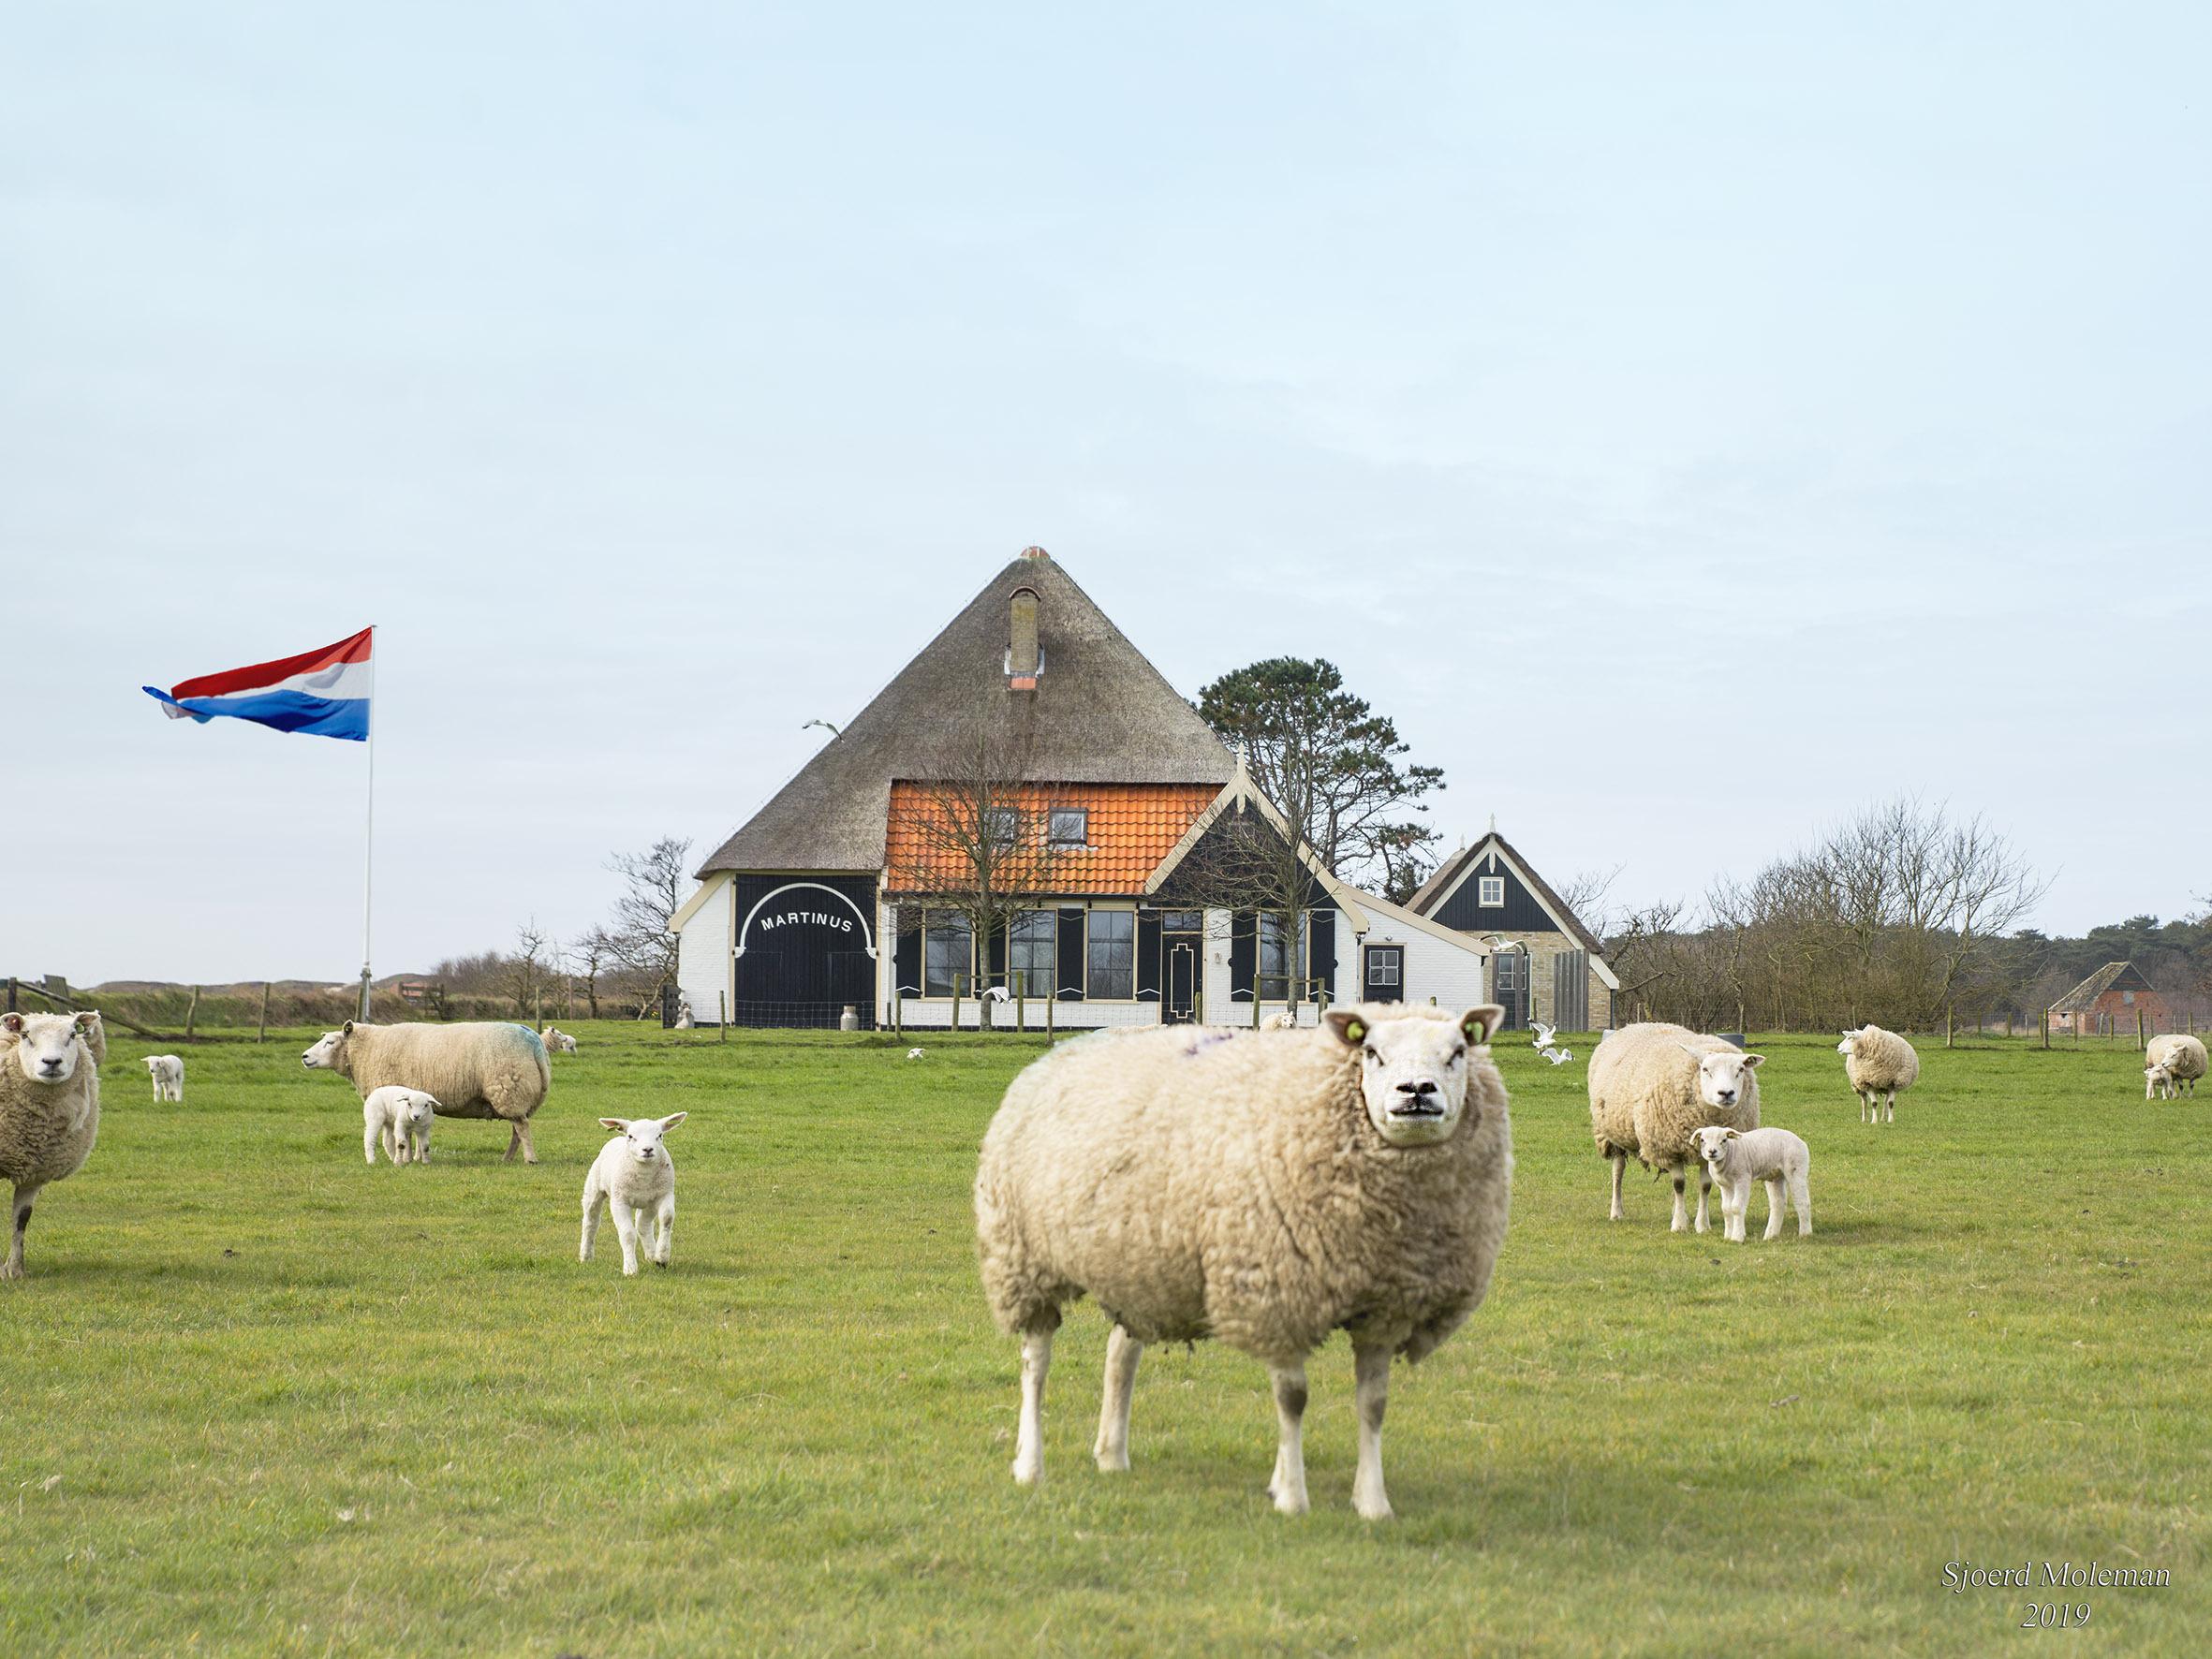 Schapen in de wei voor een stolpboerderij VVV Texel fotograaf Sjoerd Moleman